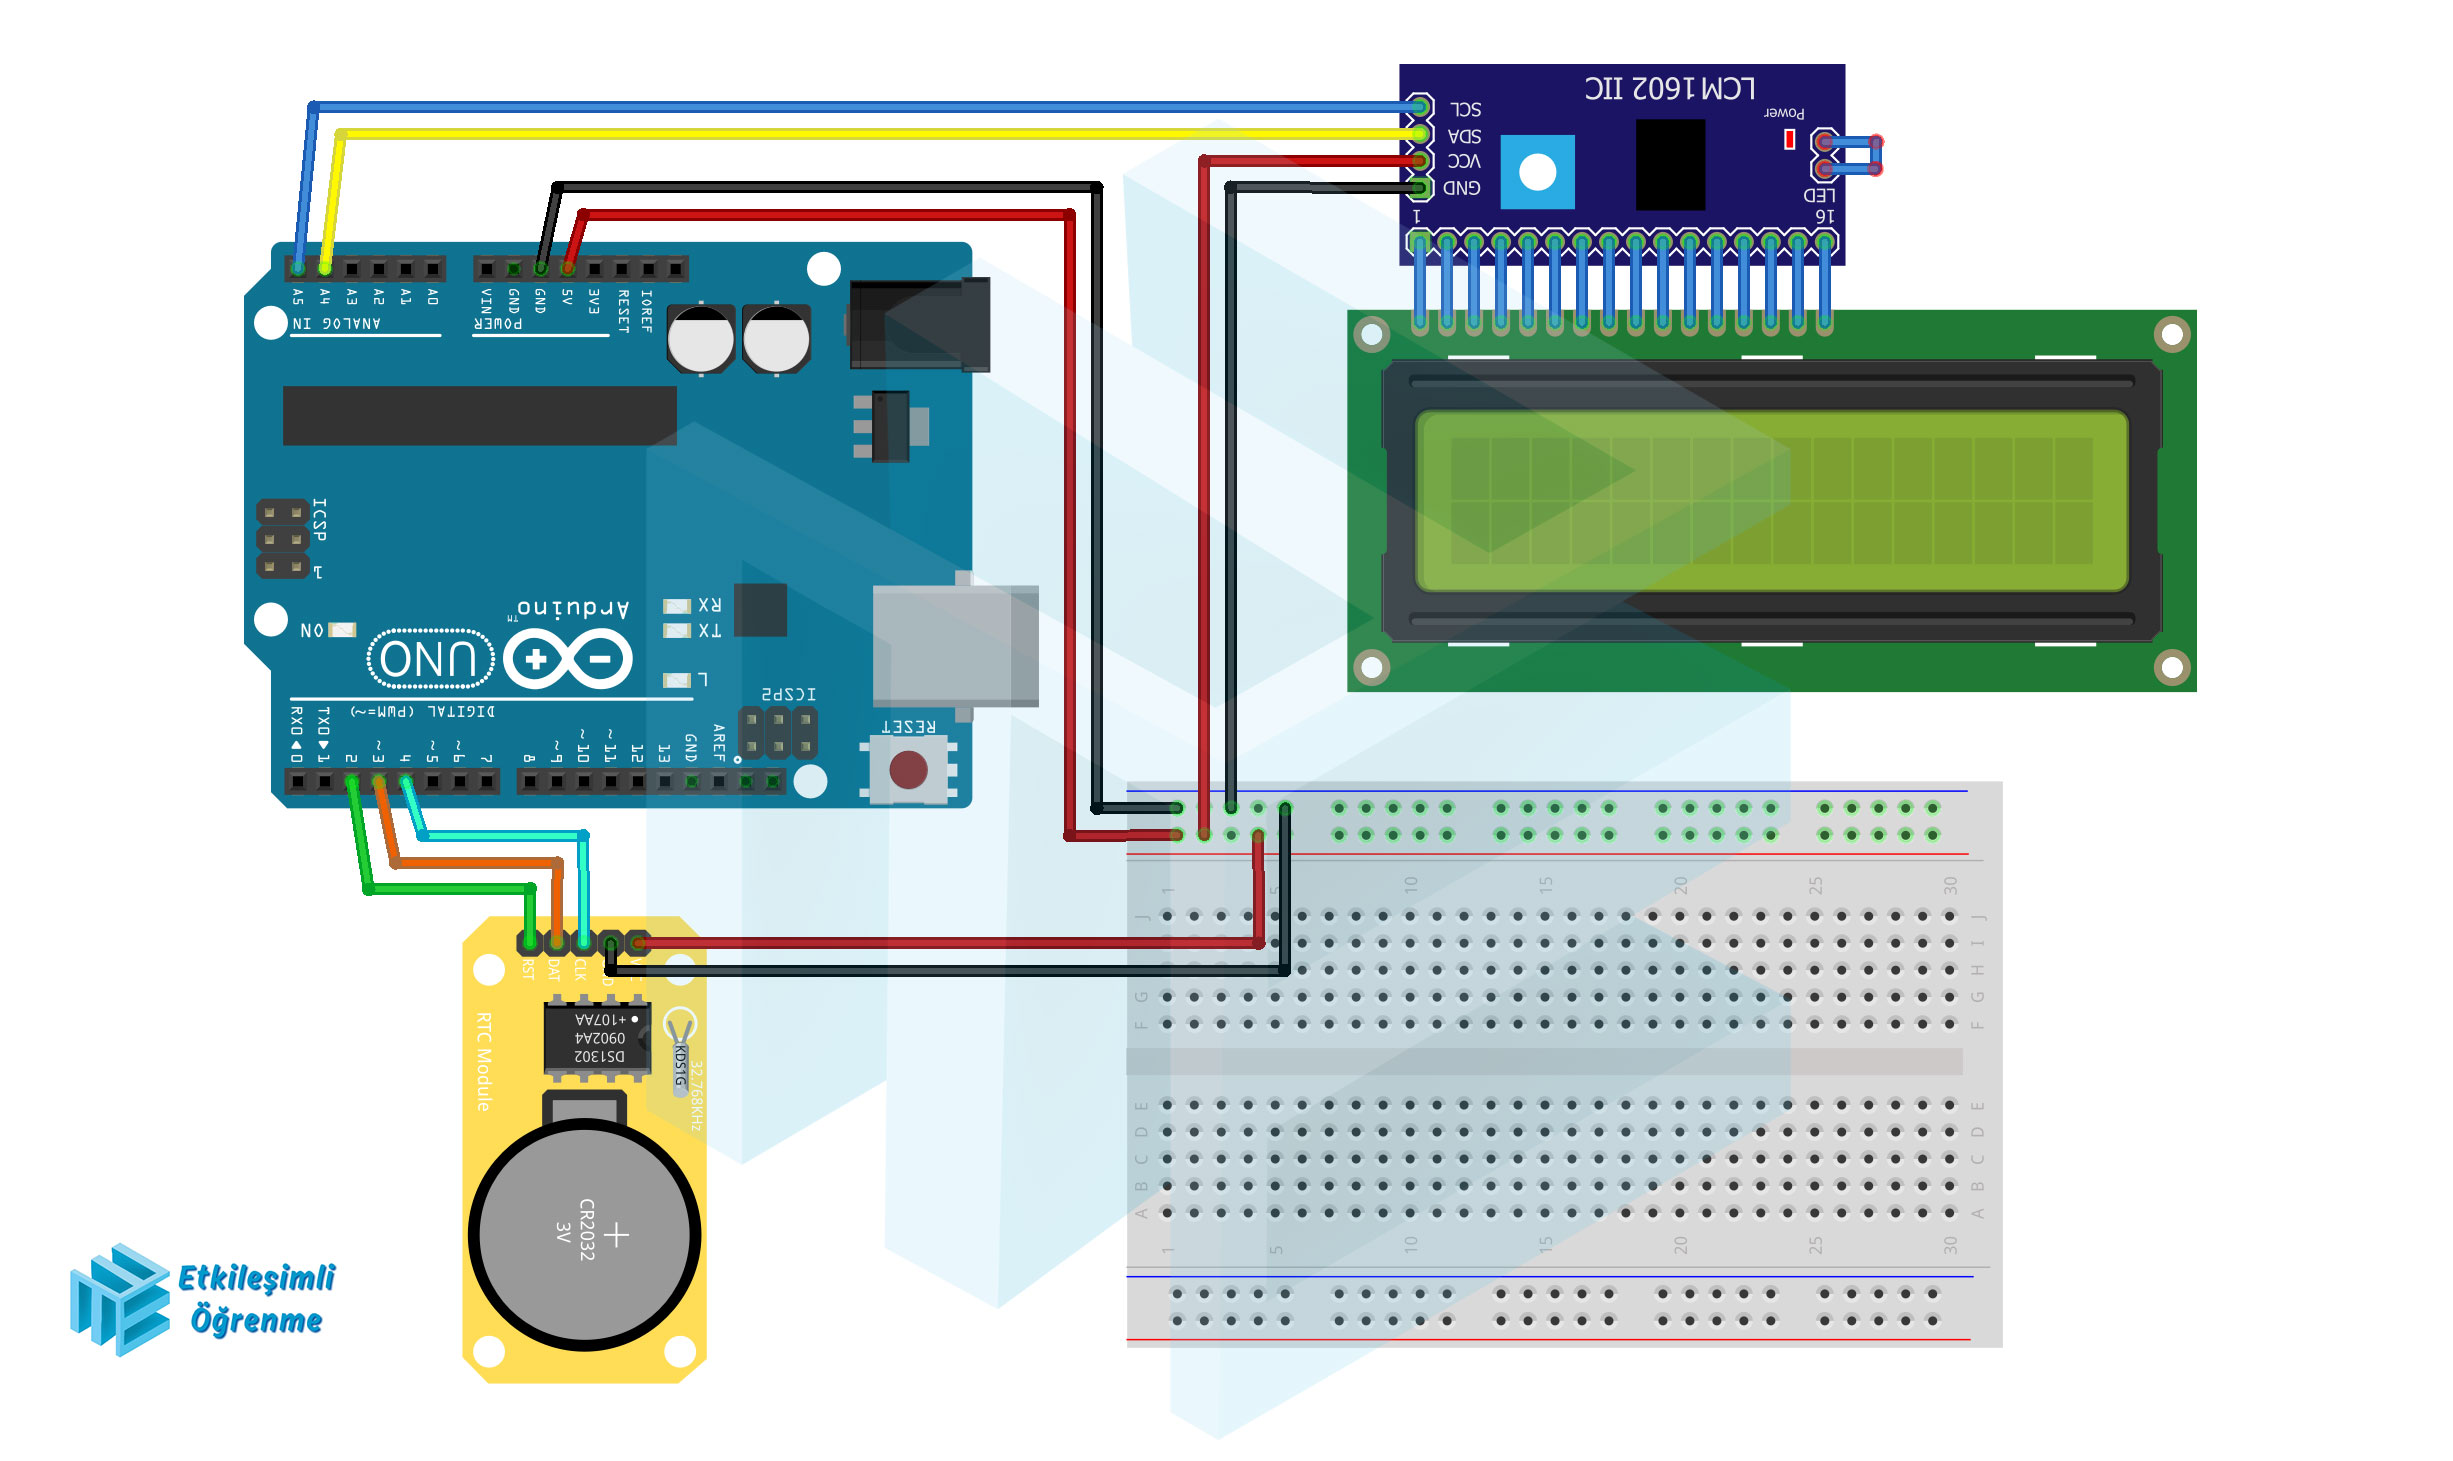 DS1302 Saat Modülü ve LCD 16x2 Kullanımı. (Tarih ve Saat Projesi)